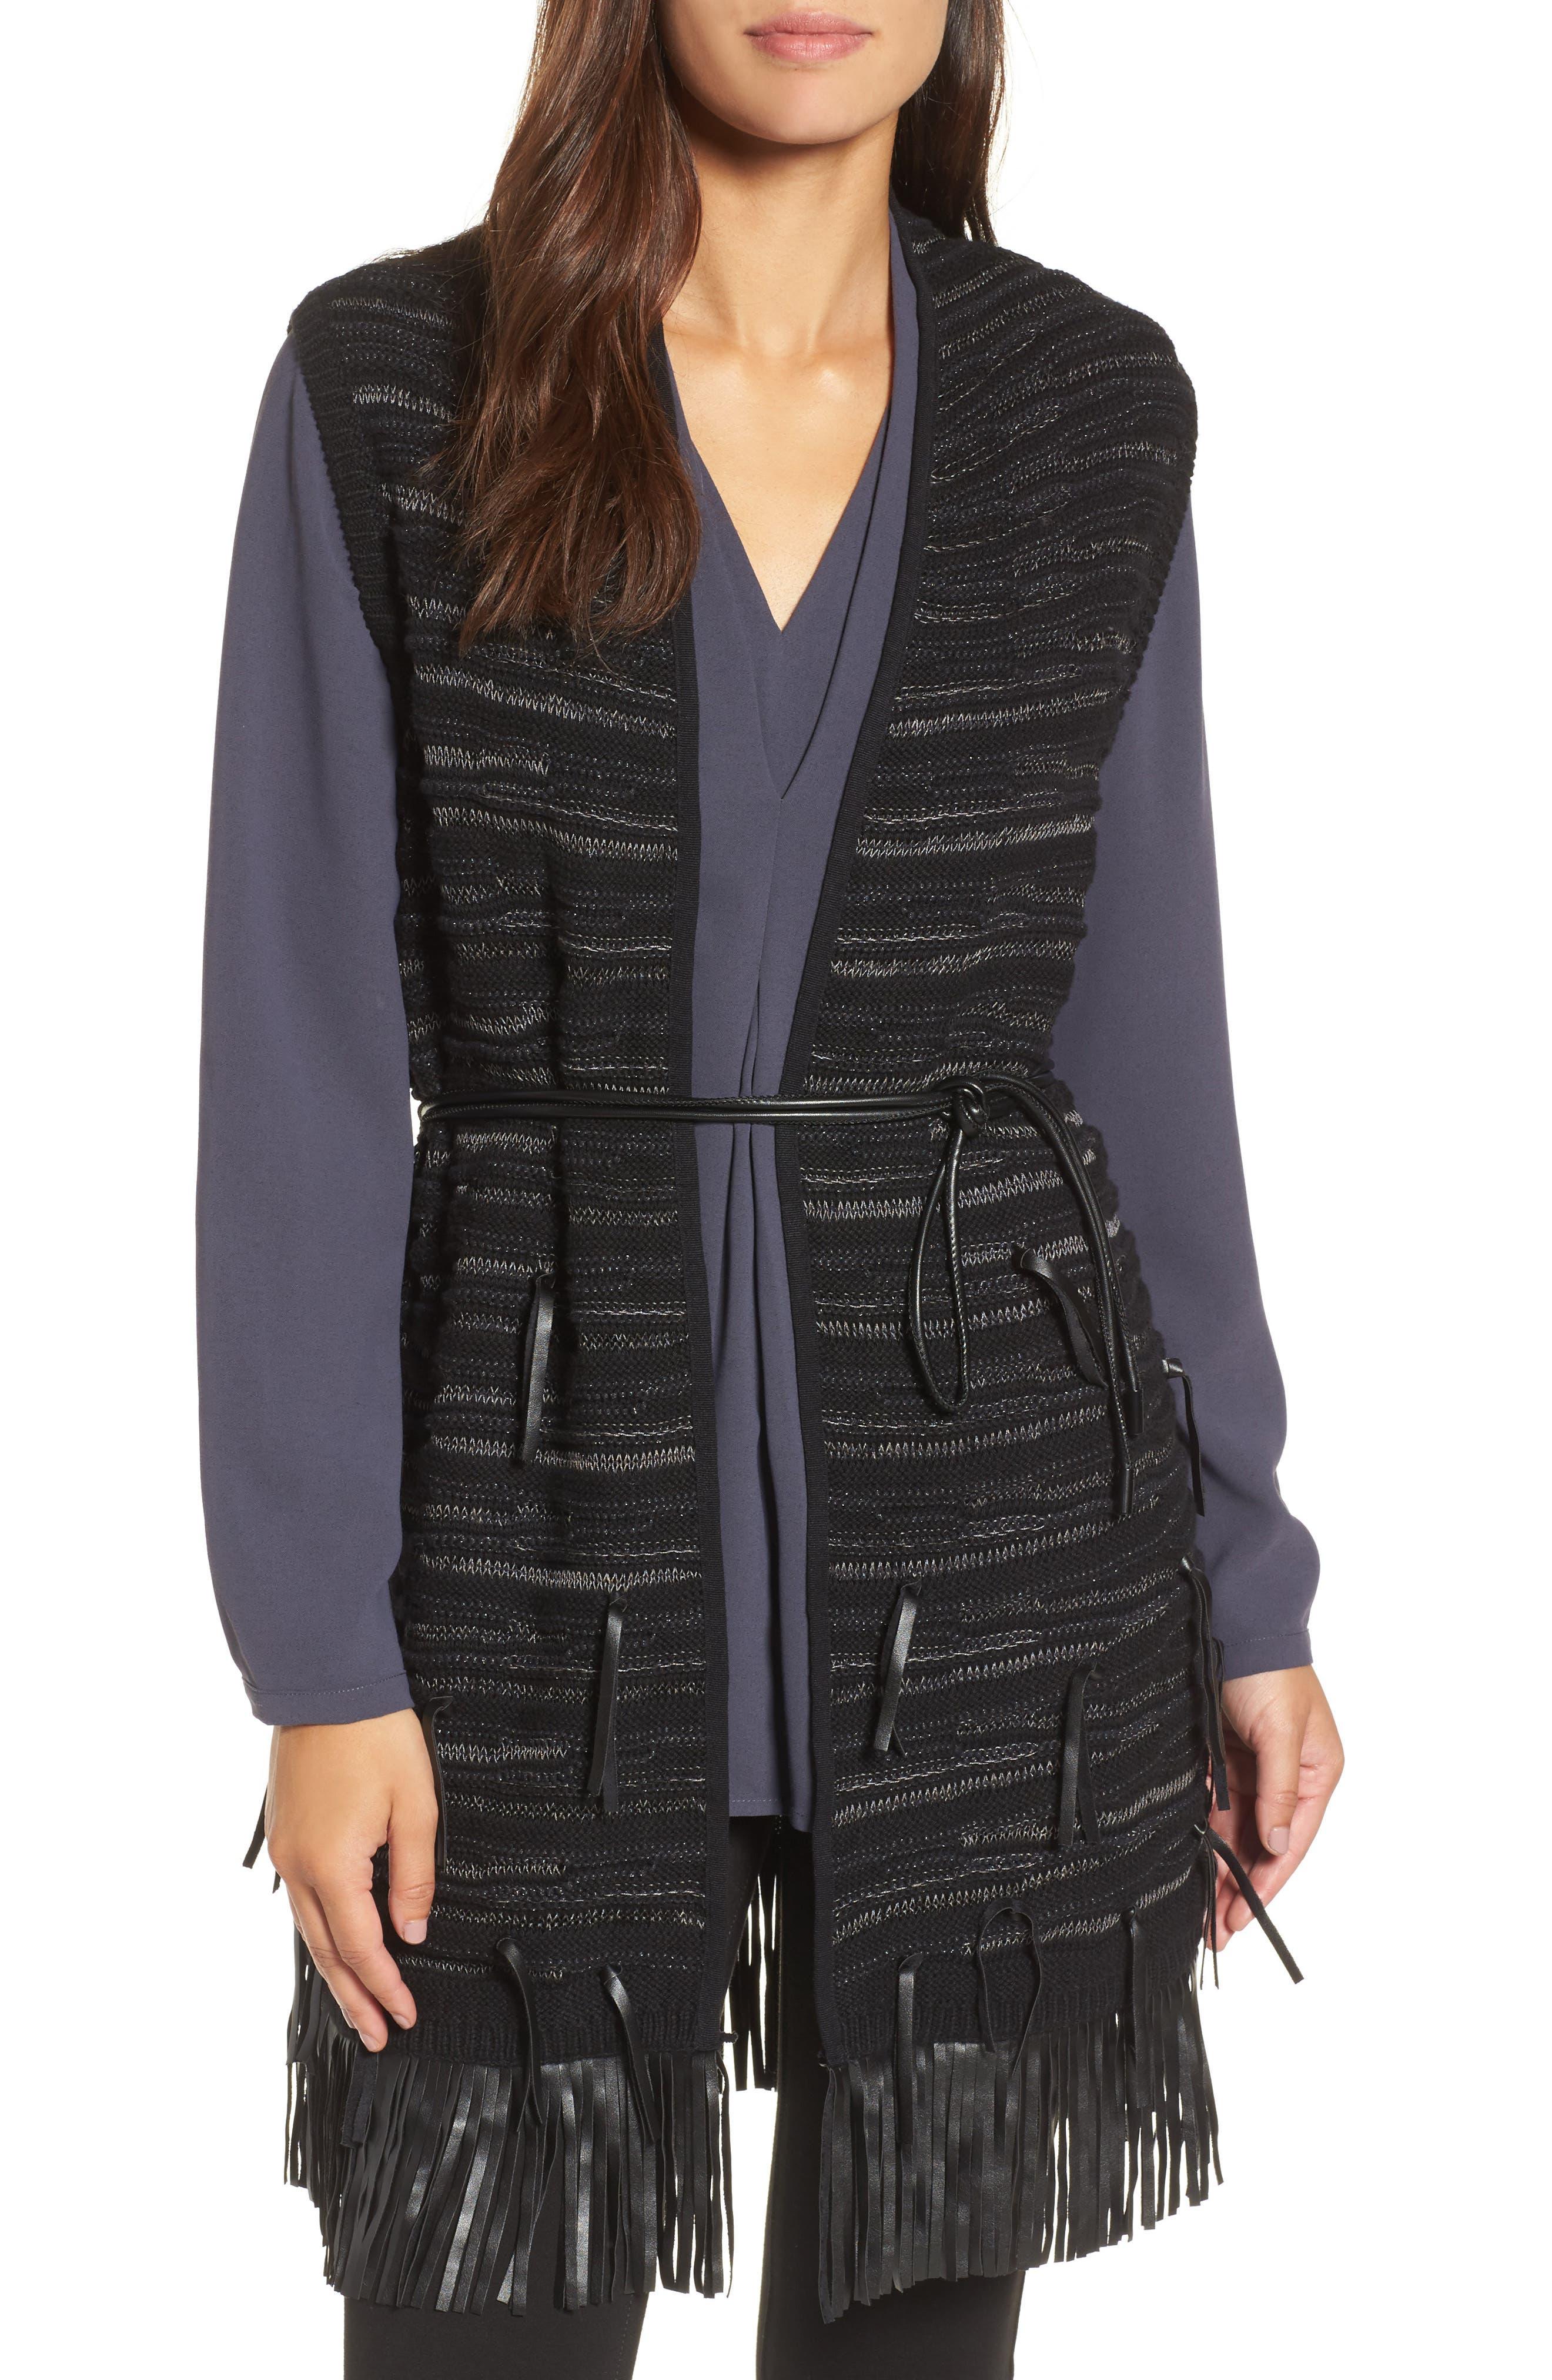 Main Image - NIC+ZOE Fuse Faux Leather Fringe Vest